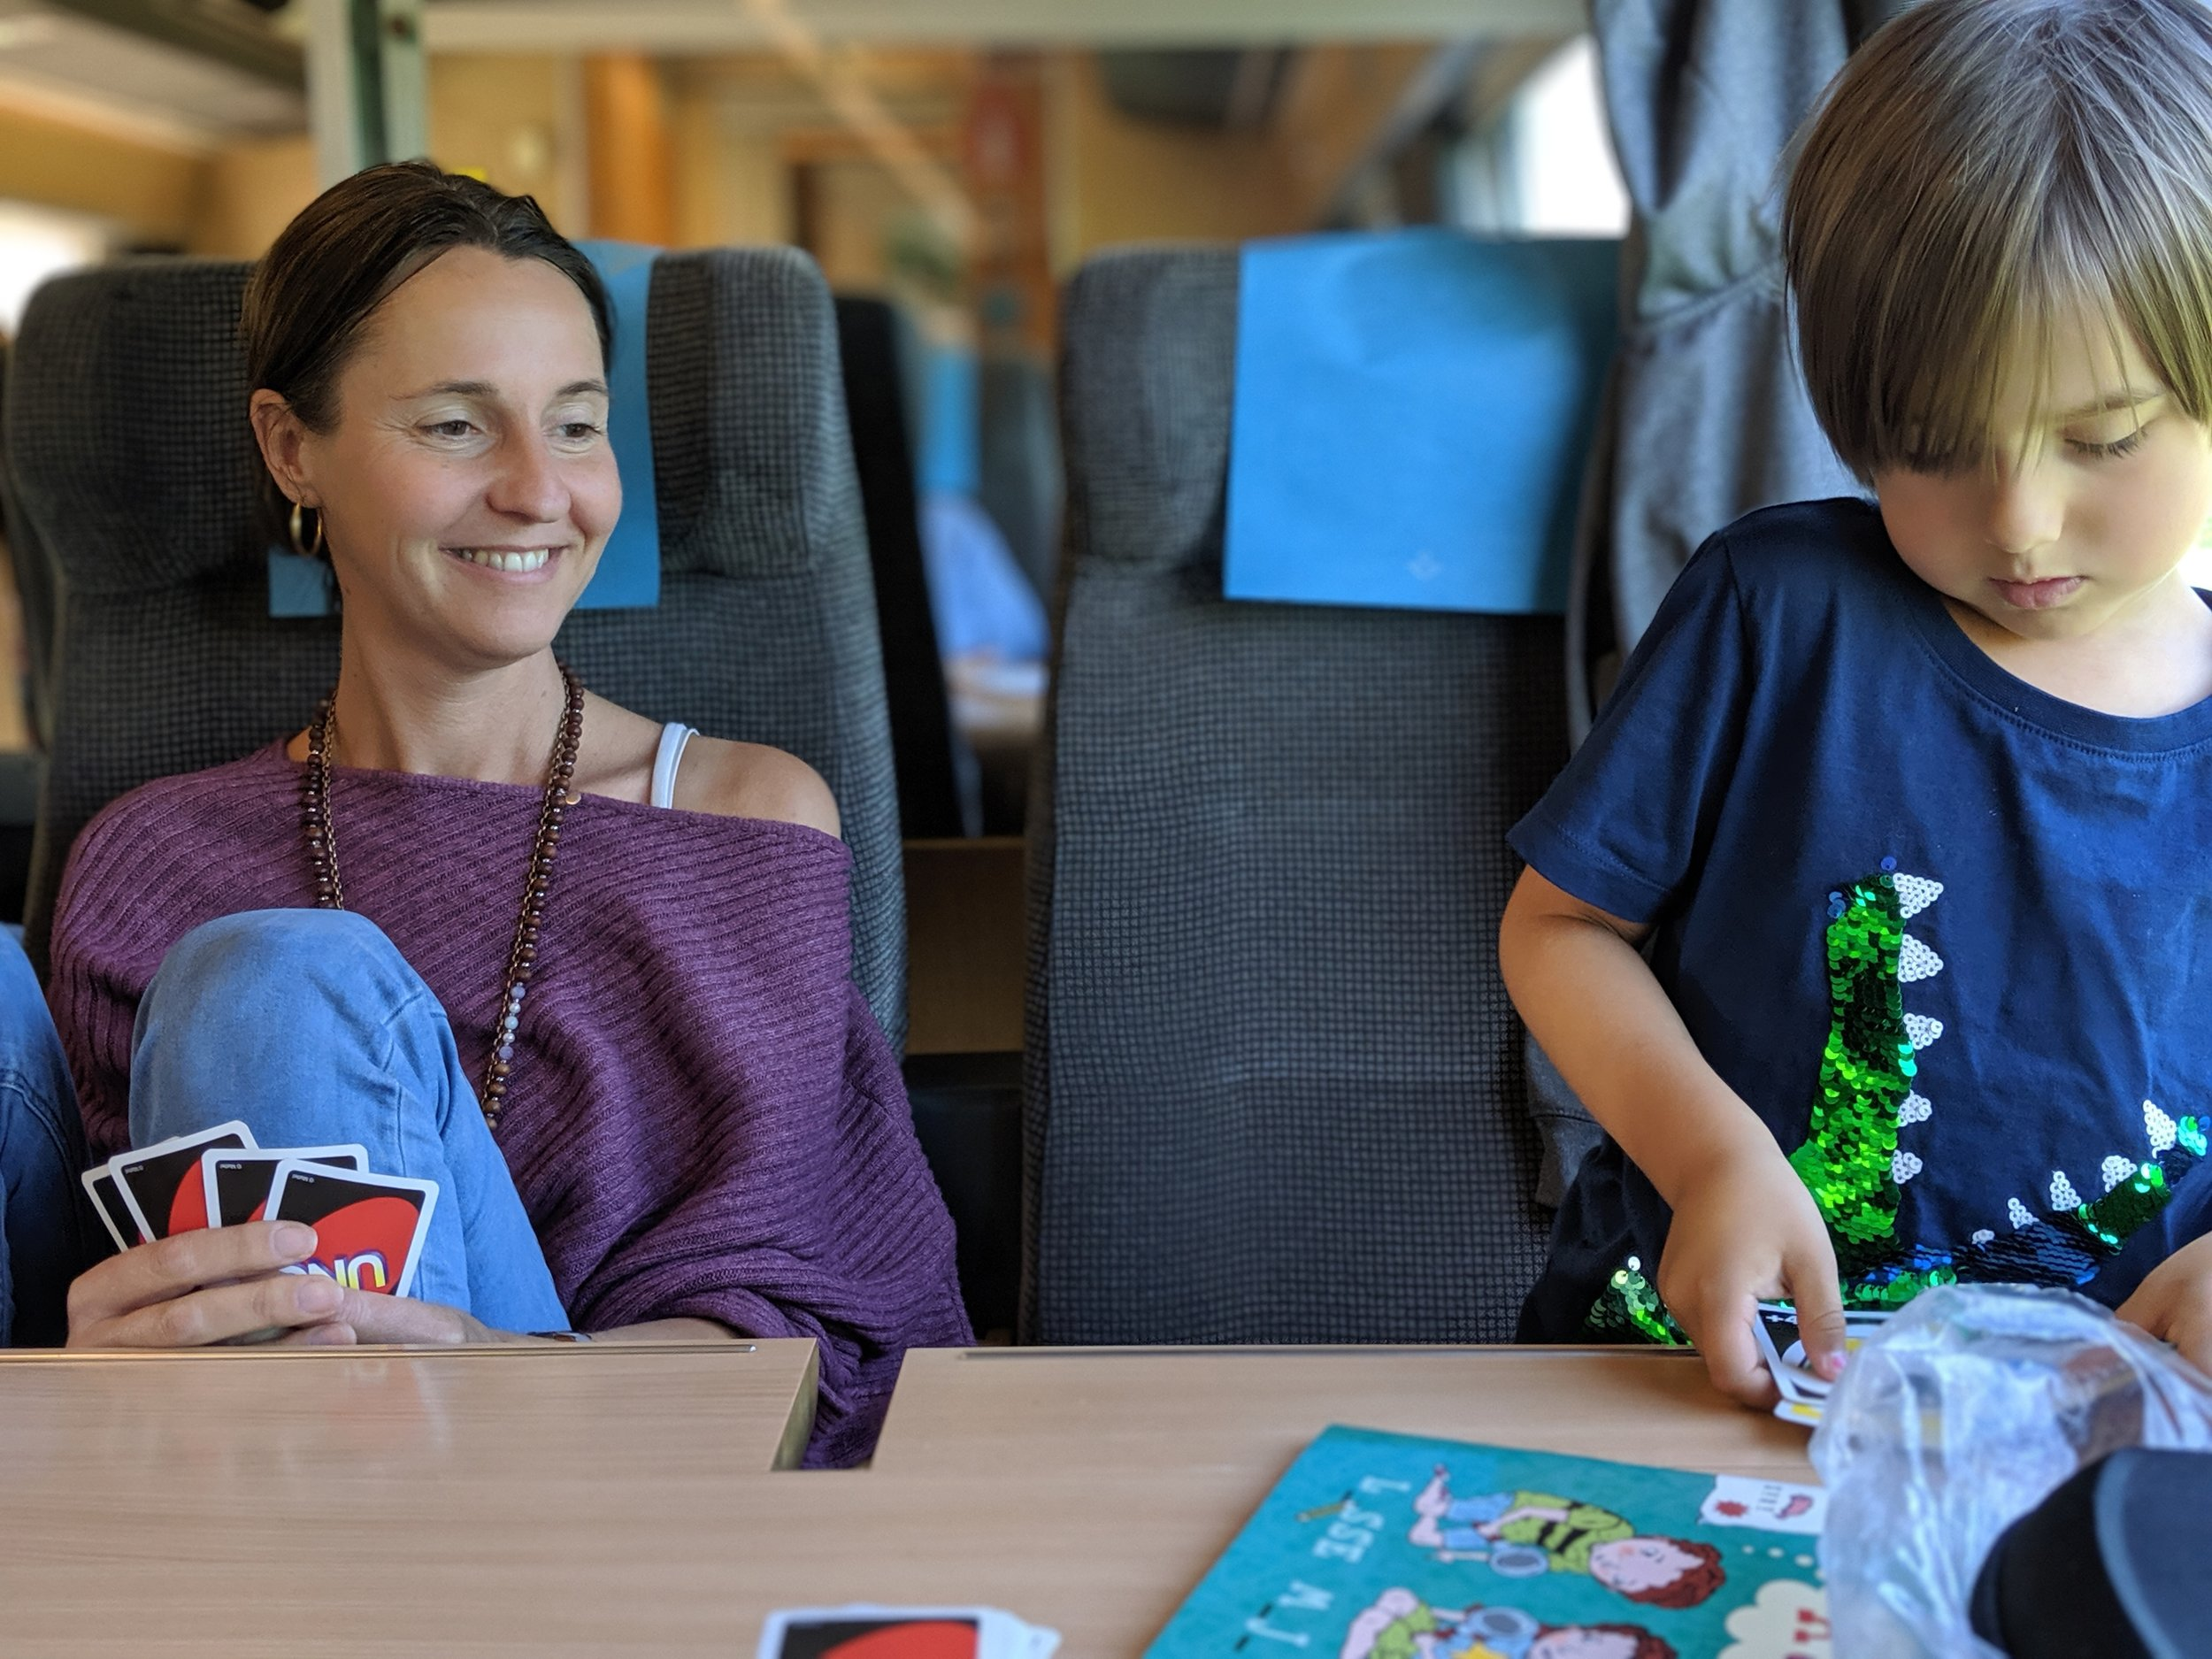 Den här fina bilden tog Mattias av oss när vi åkte tåg till Stockholm häromveckan.